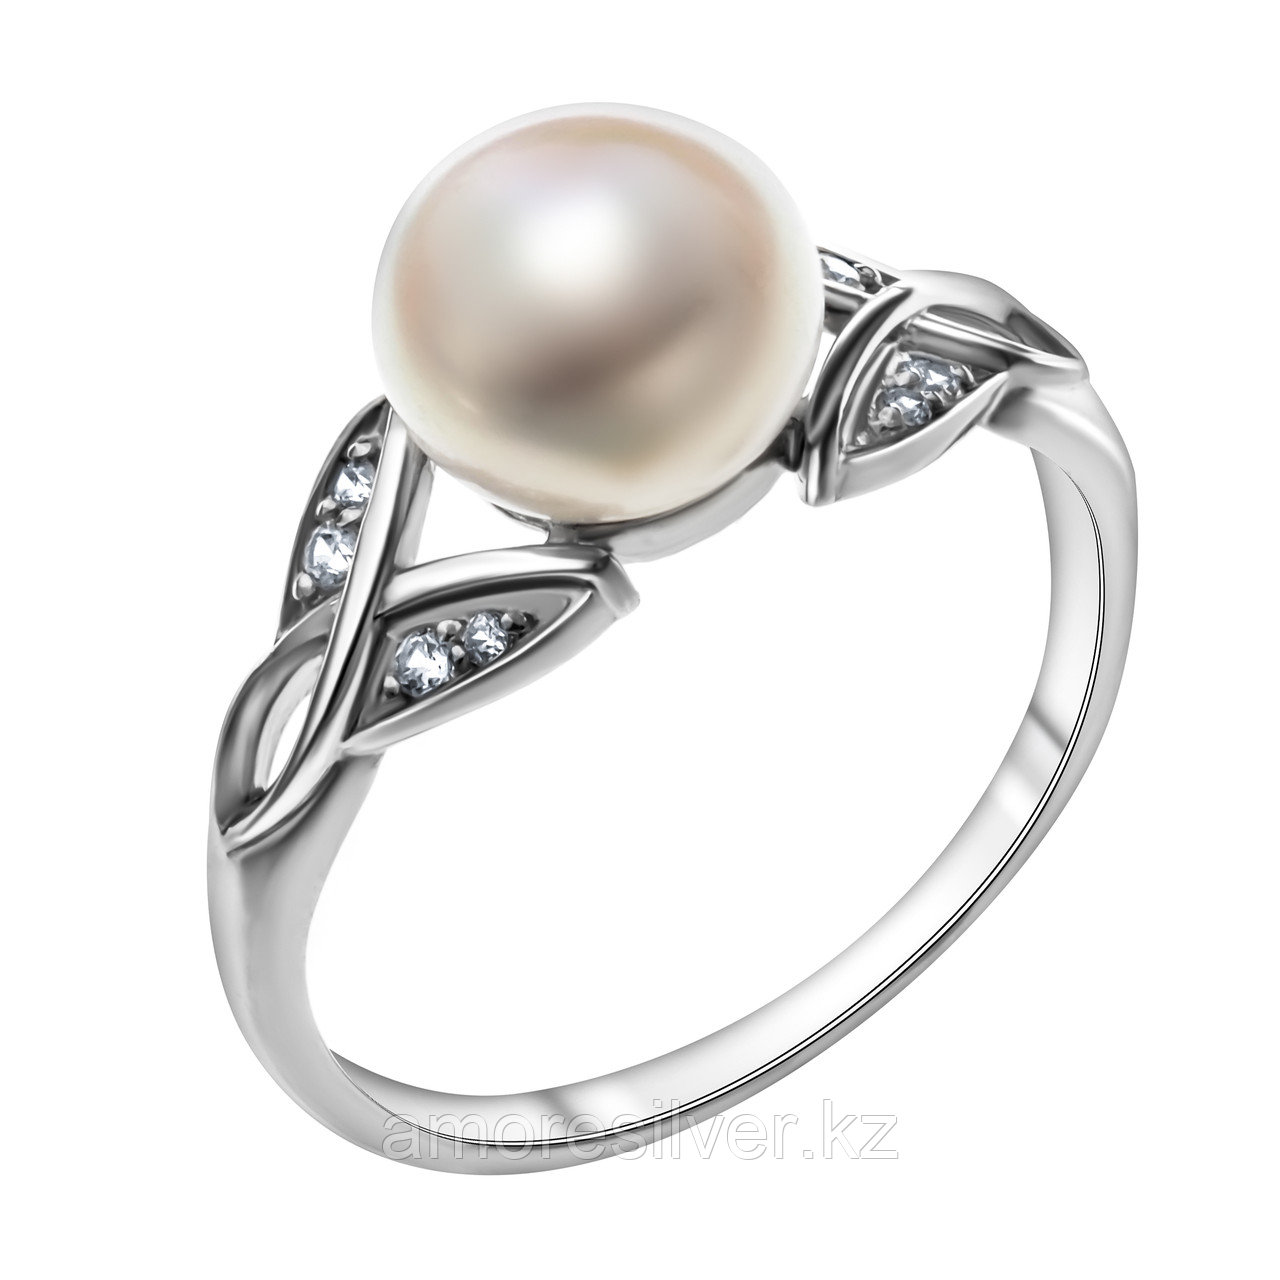 Кольцо TEOSA серебро с родием, жемчуг культ. фианит, фантазия 190-9-649Р размеры - 17,5